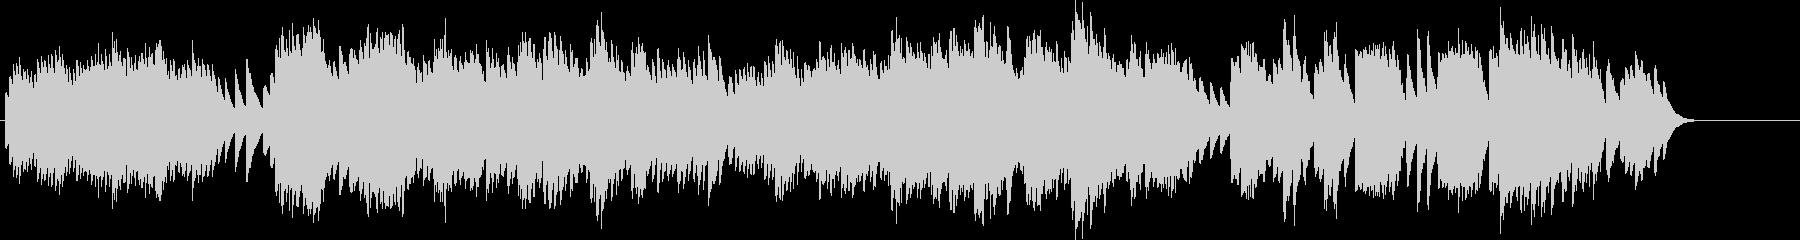 ドビュッシー「アラベスク」(オルゴール)の未再生の波形